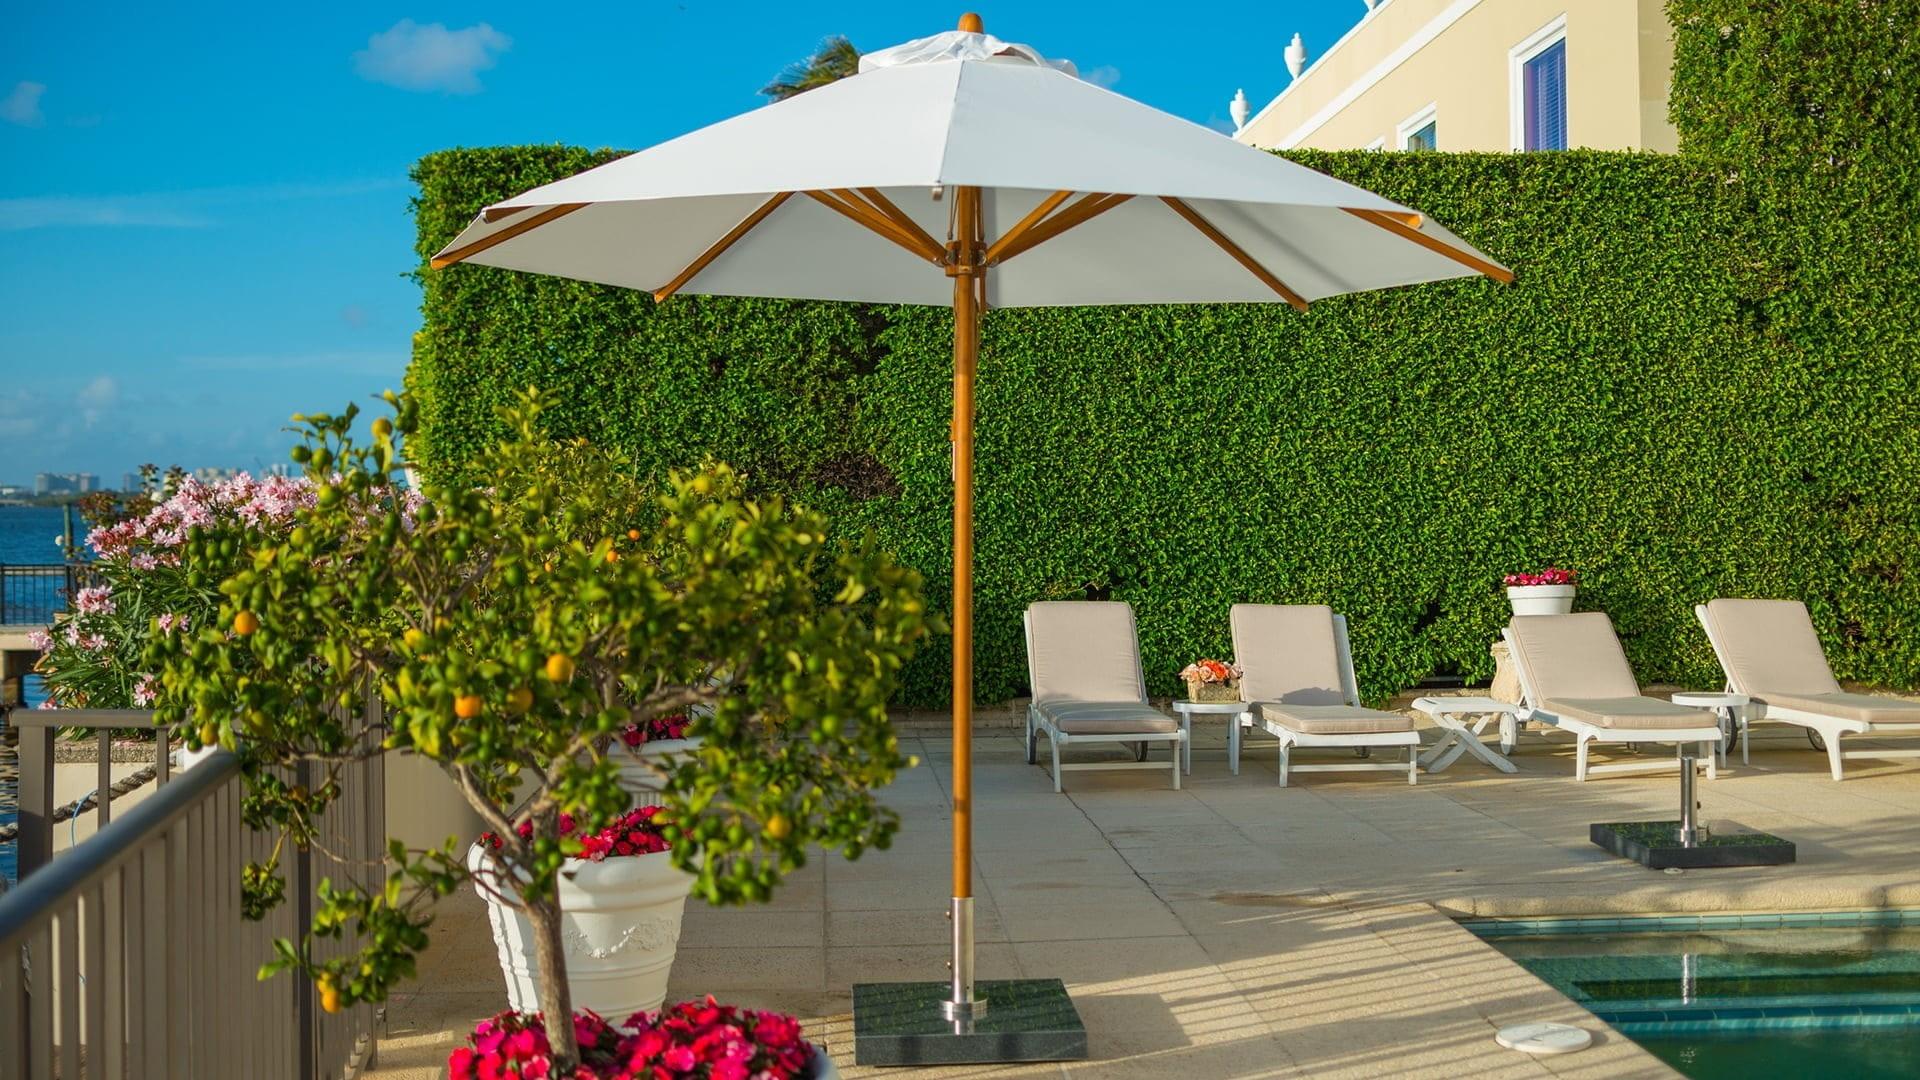 commercial parasols garden umbrellas